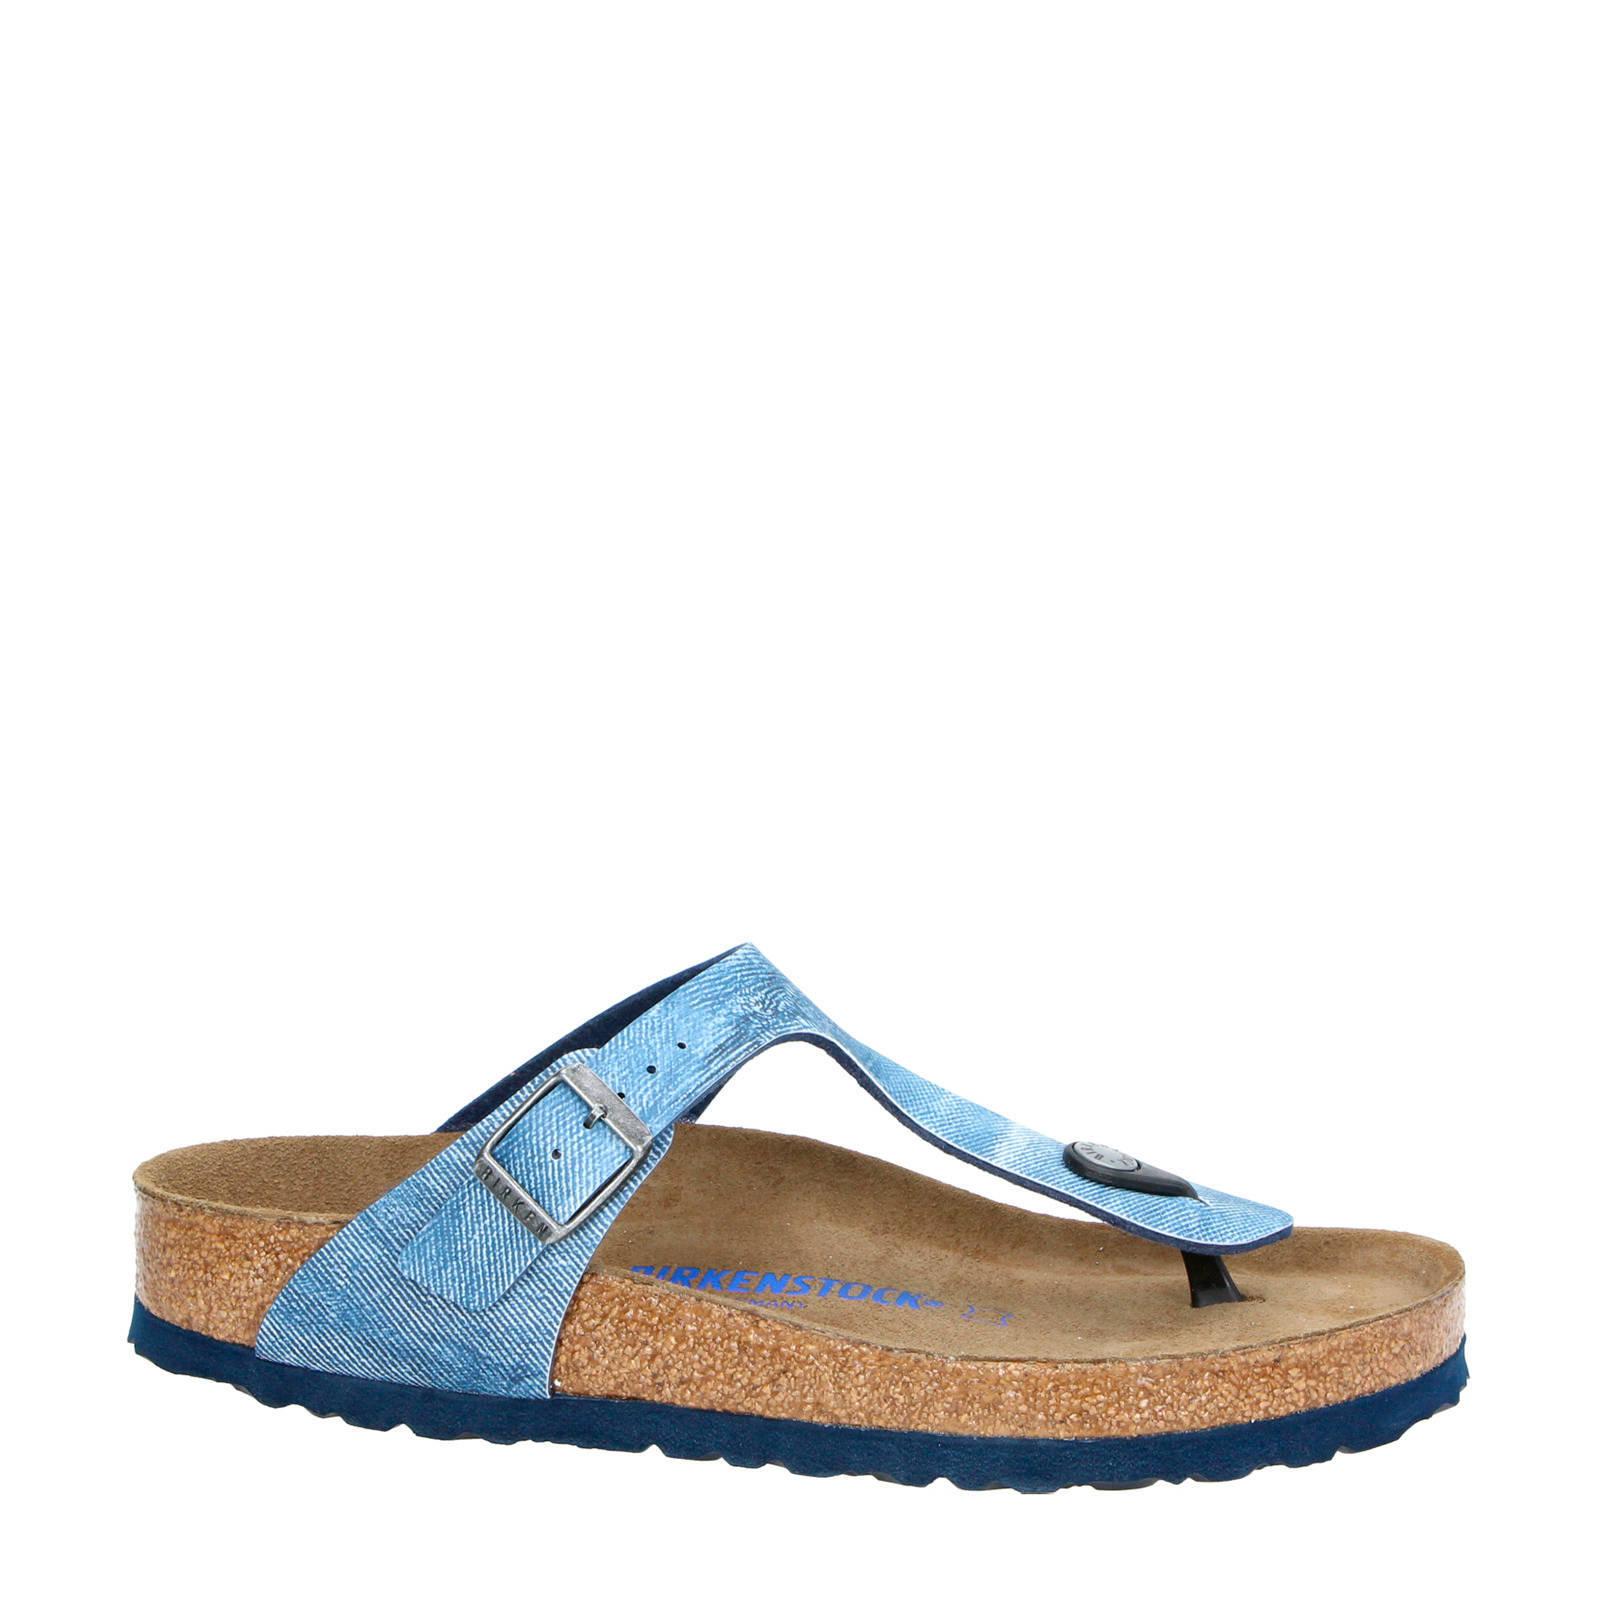 Birkenstock Gizeh teenslippers blauw | wehkamp